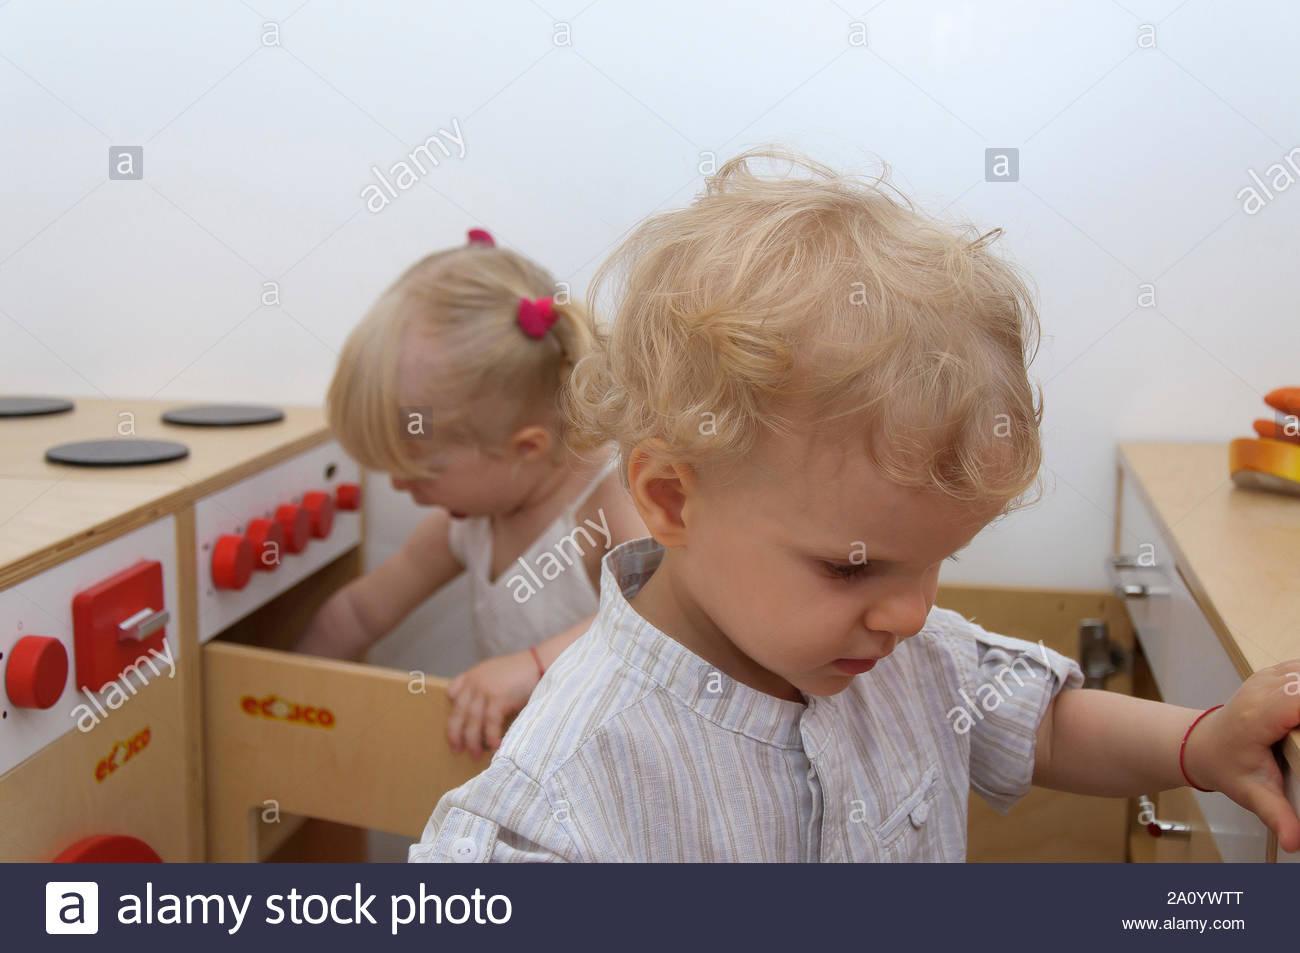 Deux Adorables Mignon De 2 Ans Vieux Cheveux Blonds Petite pour Jeux De Deux Fille